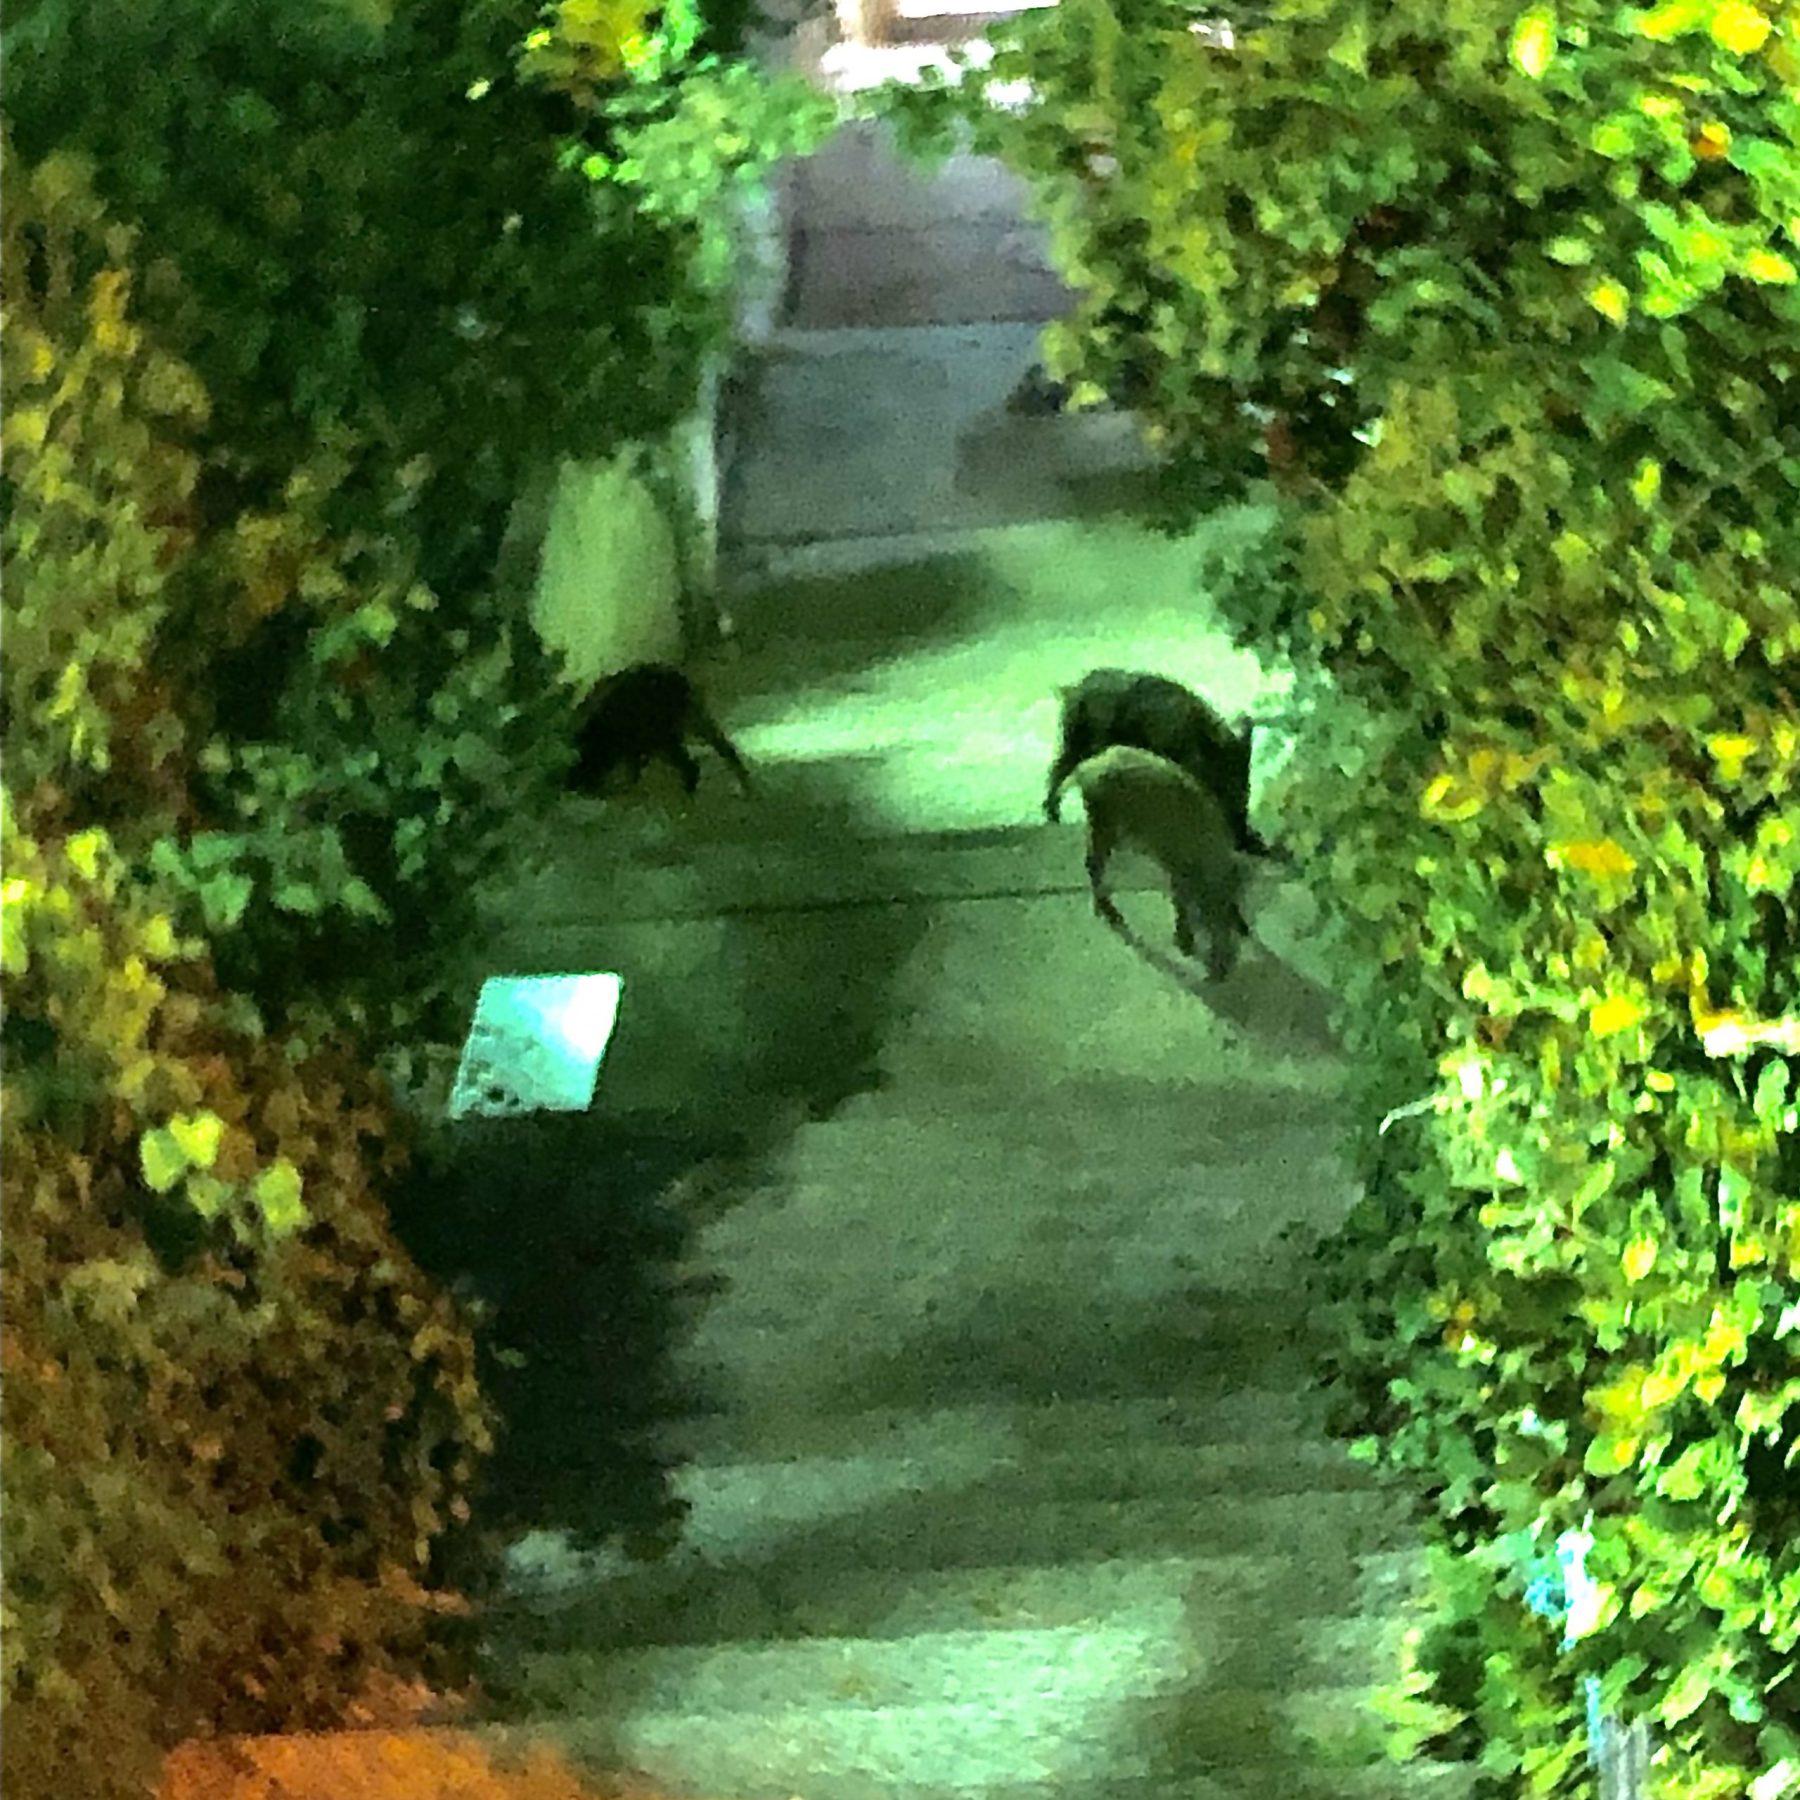 Wild hogs roaming Haifa streets